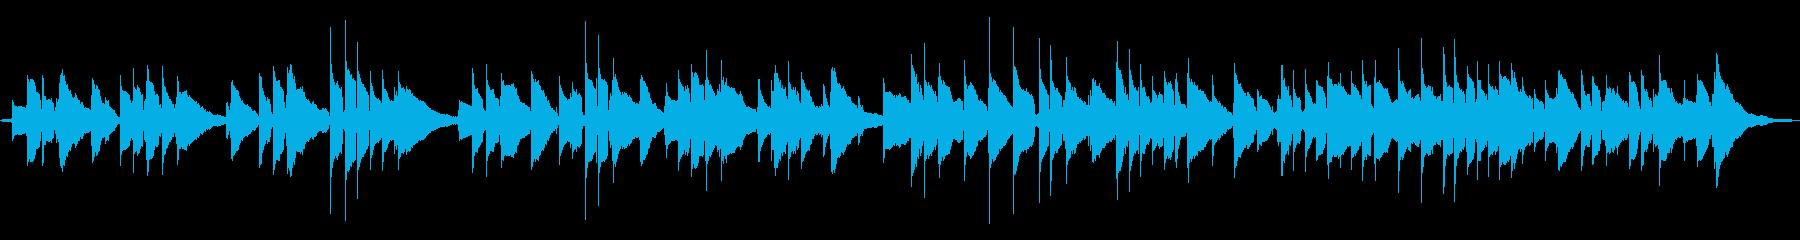 リラックスできるチルミュージックの再生済みの波形